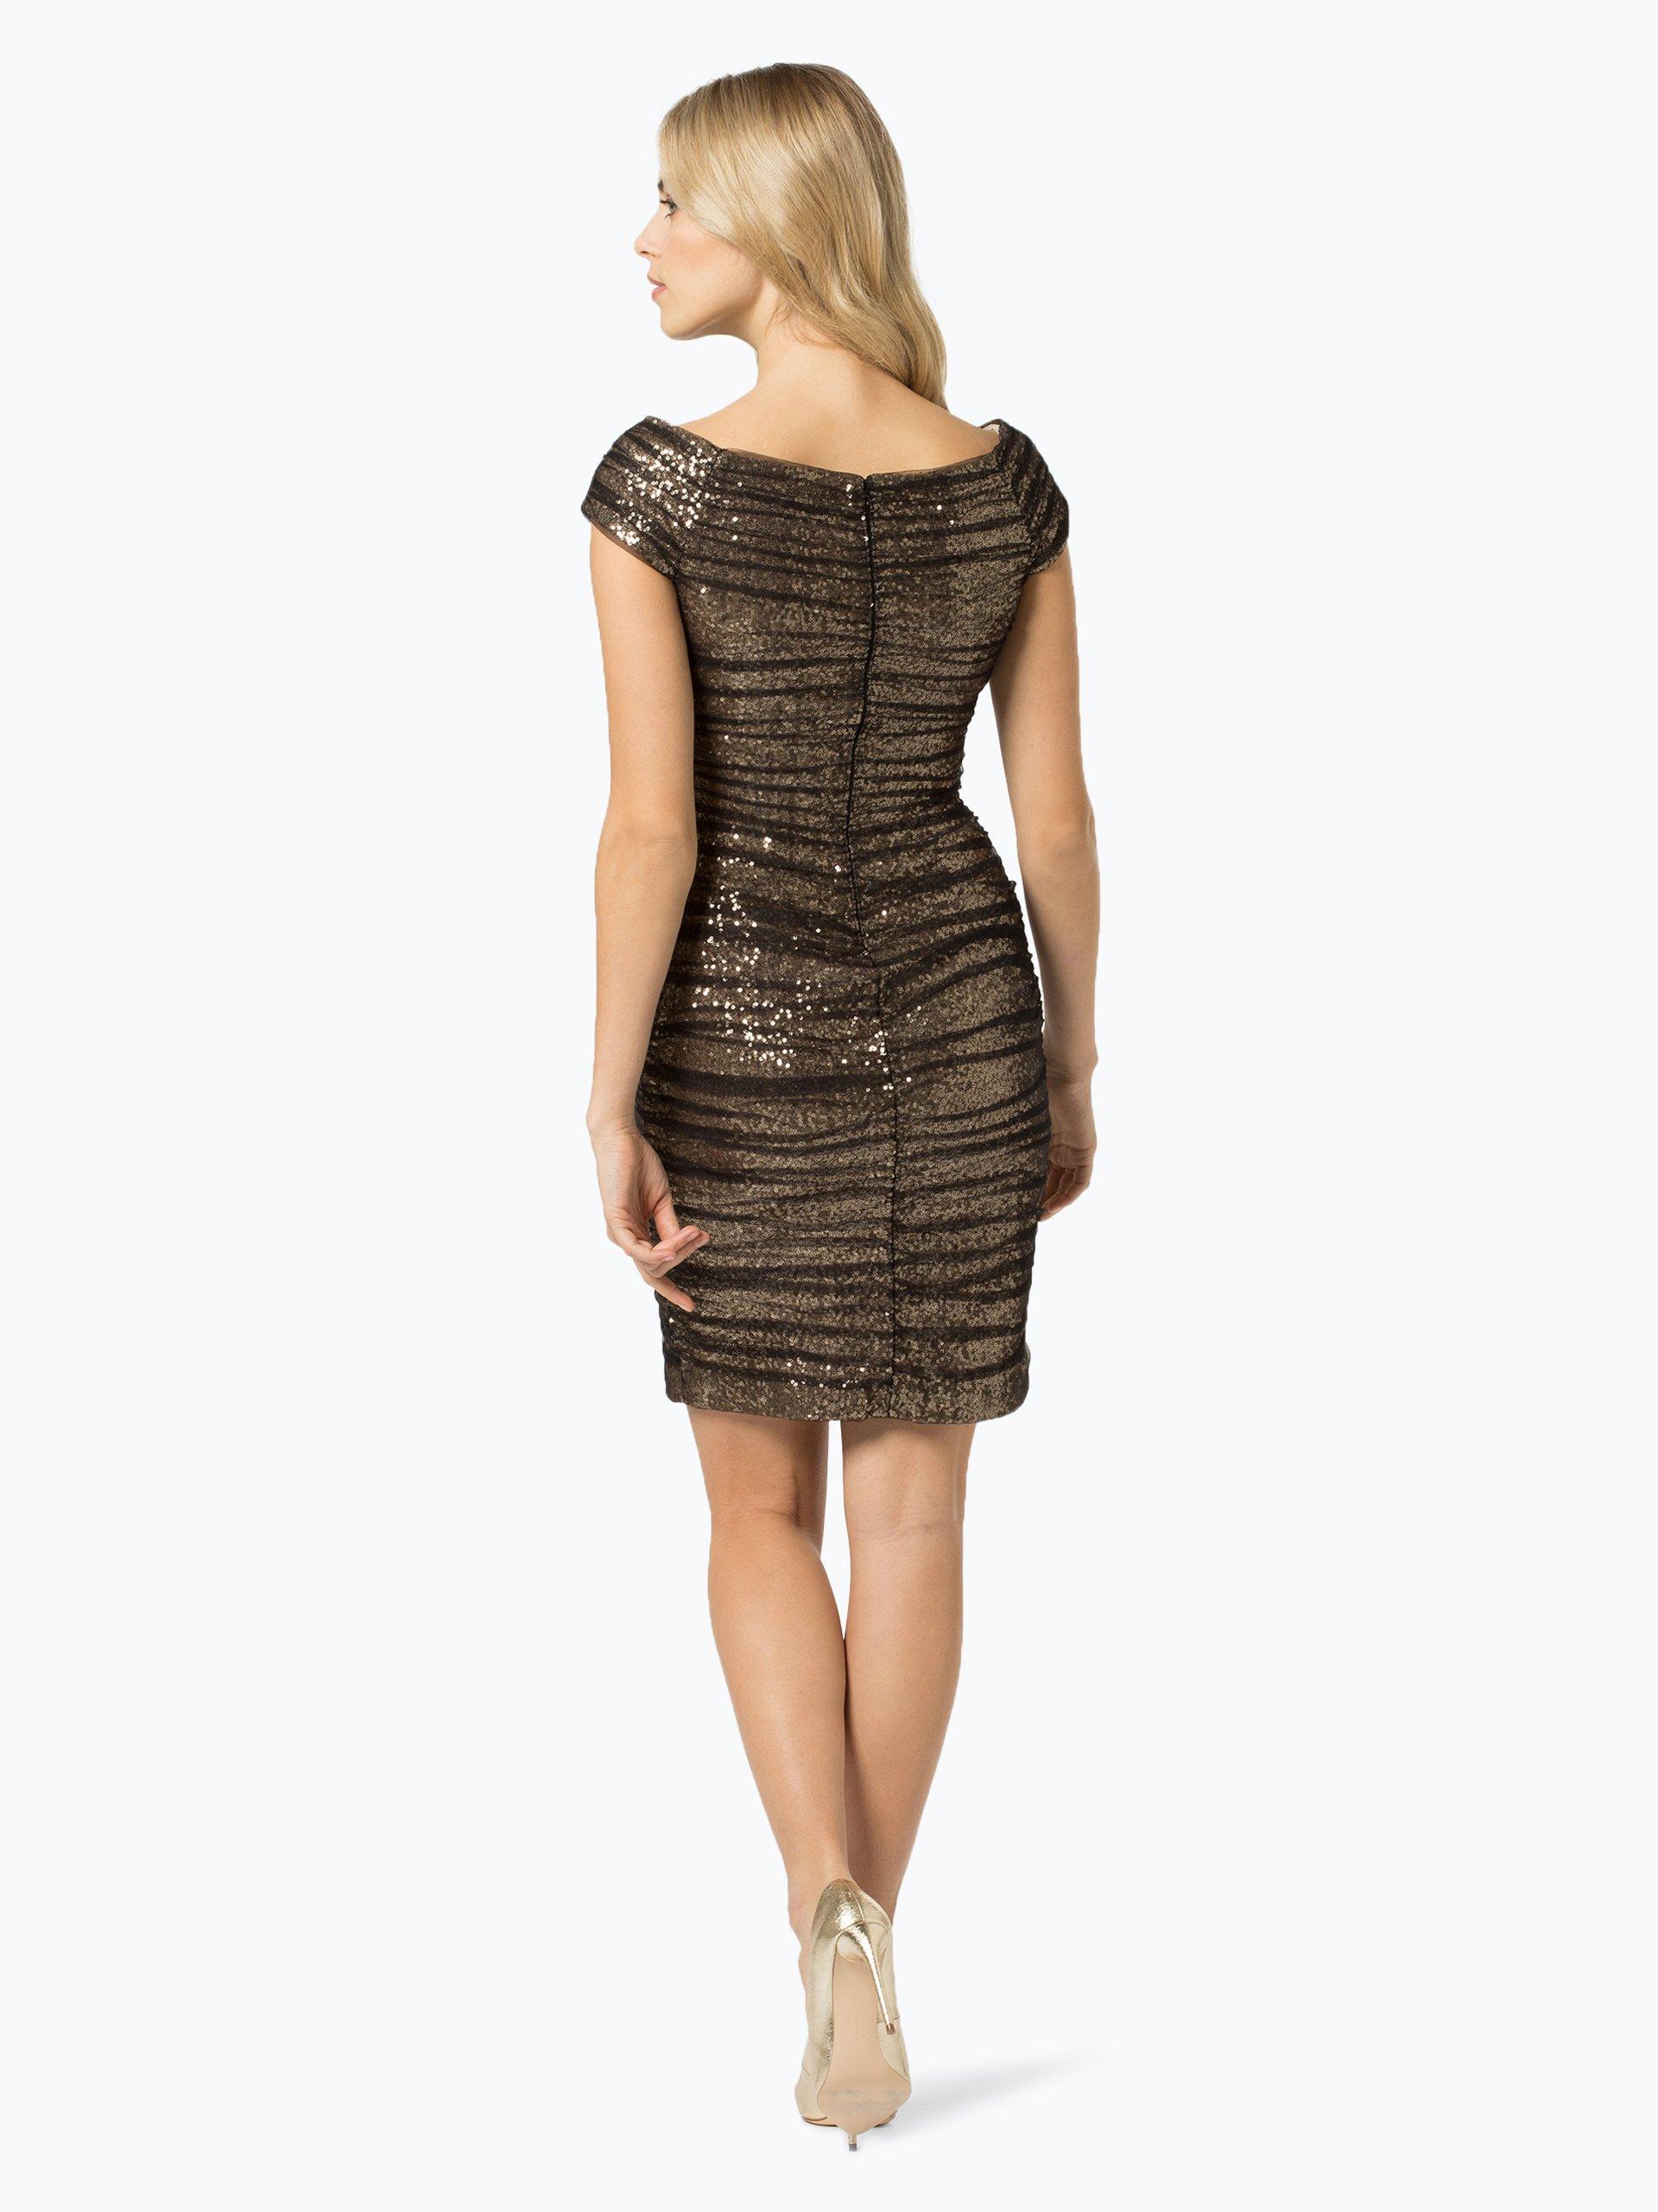 lauren ralph lauren damen kleid online kaufen vangraaf com. Black Bedroom Furniture Sets. Home Design Ideas